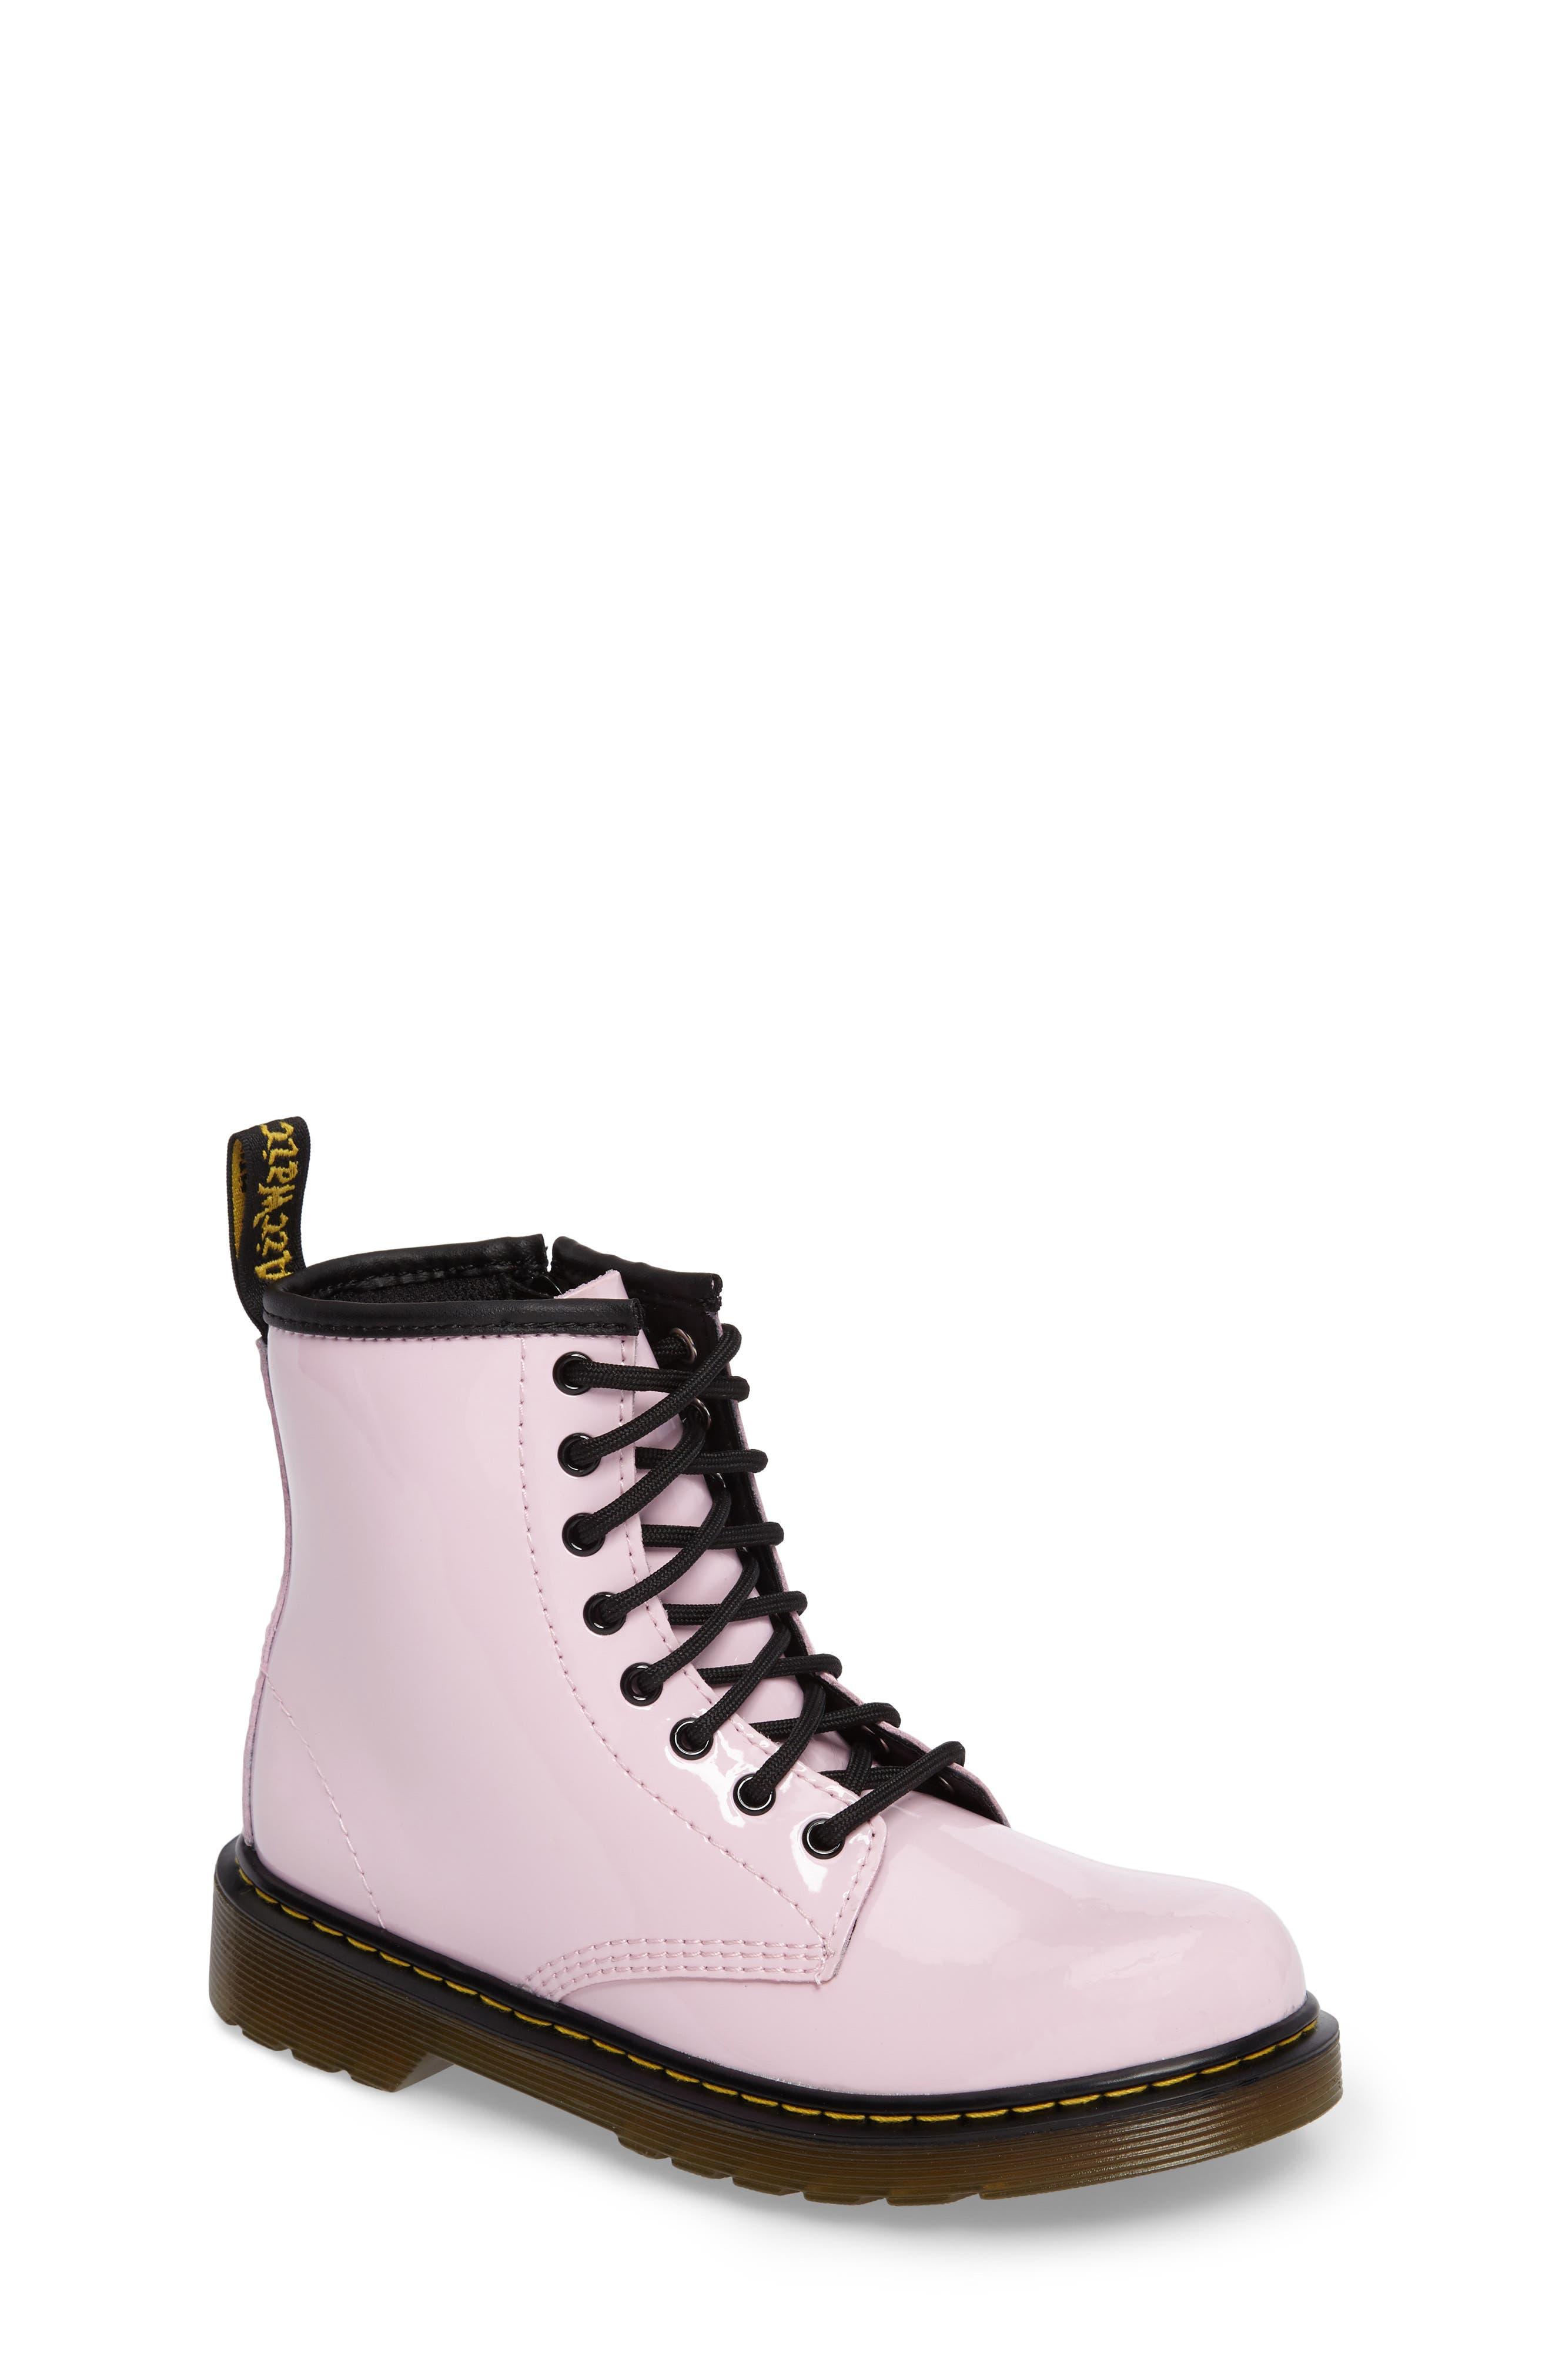 Dr. Martens Shoes & Boots   Nordstrom   Nordstrom